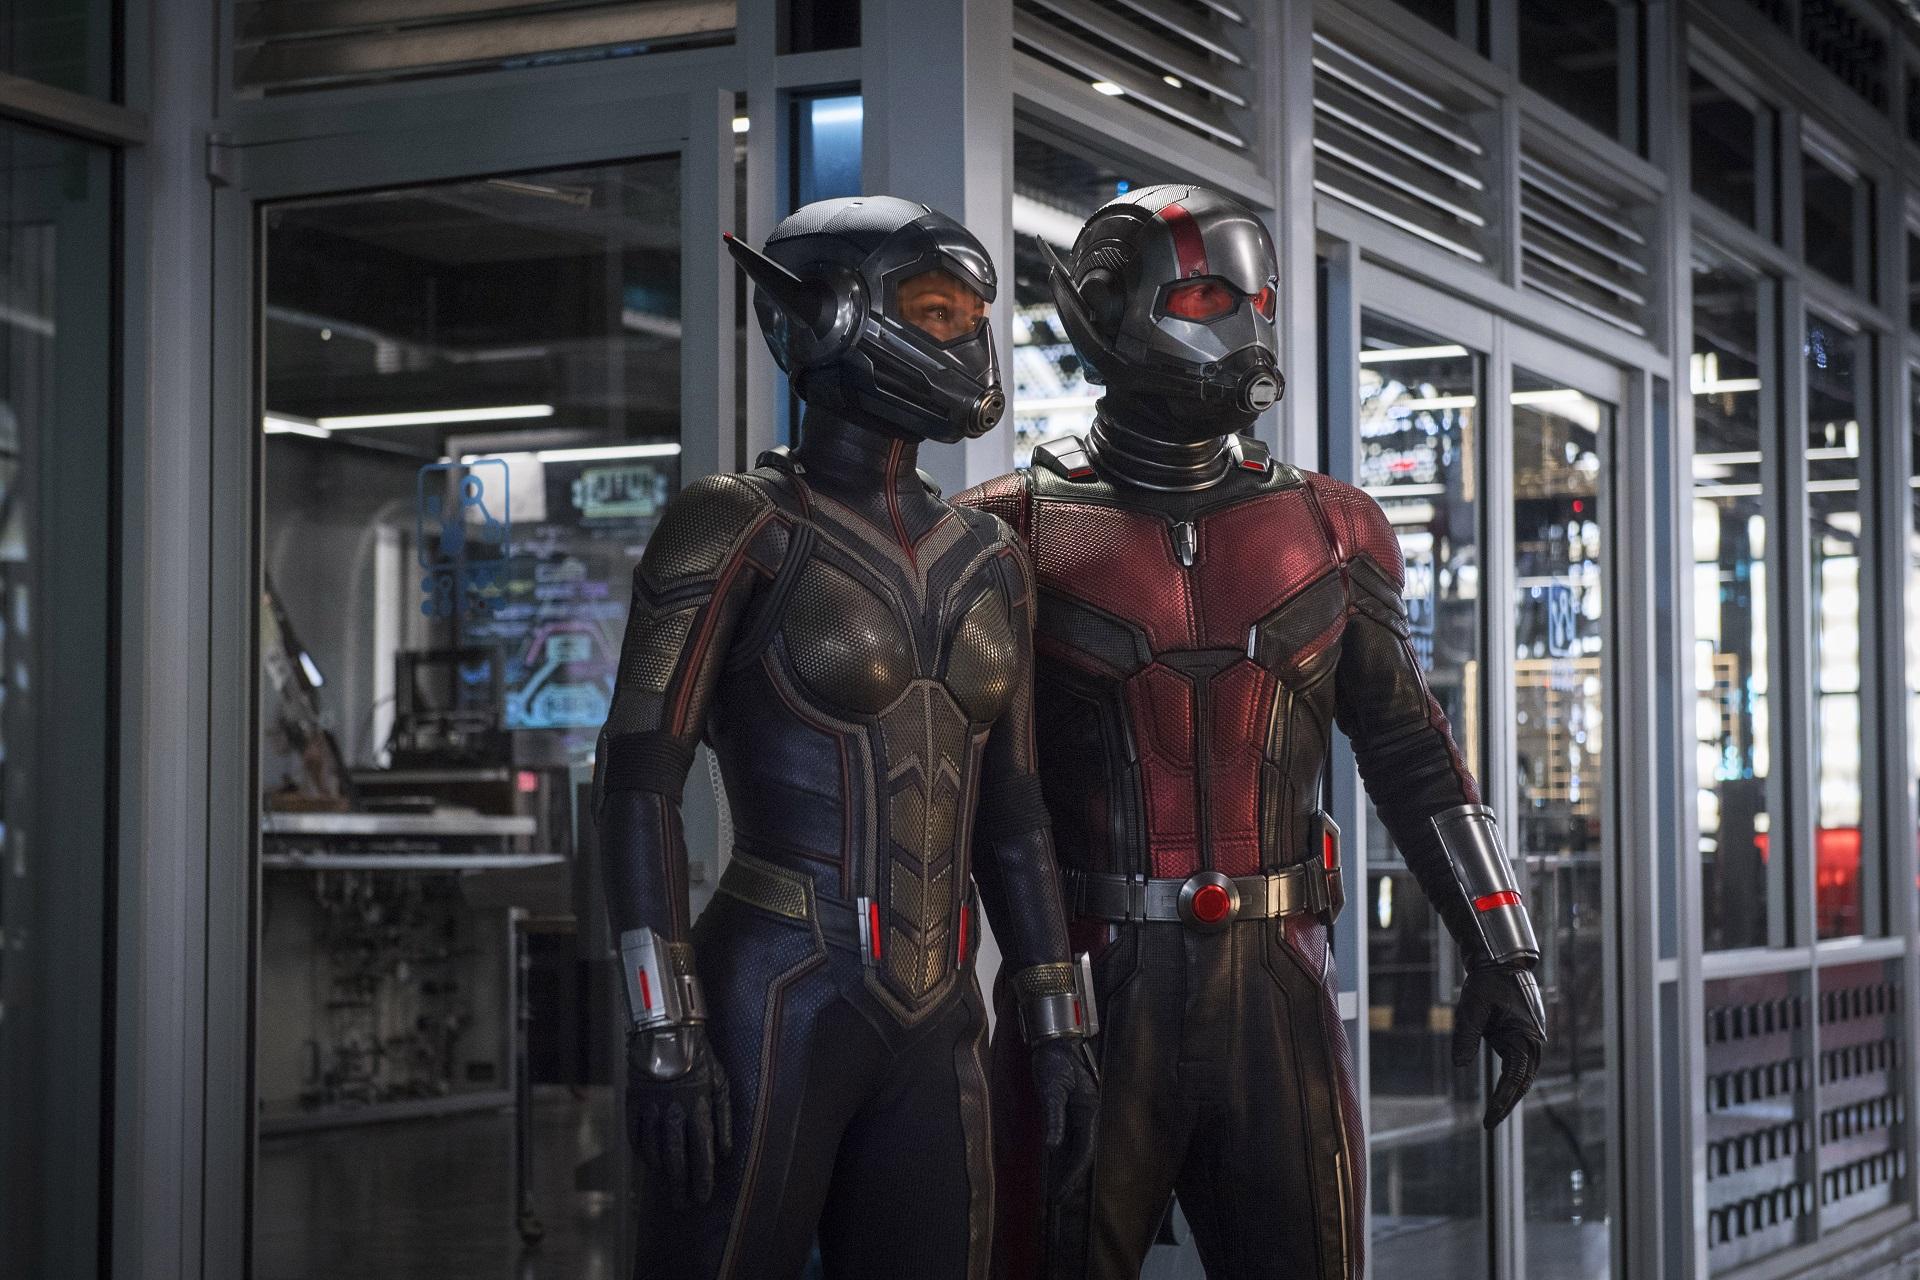 Киностудия Marvel показала 1-ый трейлер «Человека-муравья иОсы»